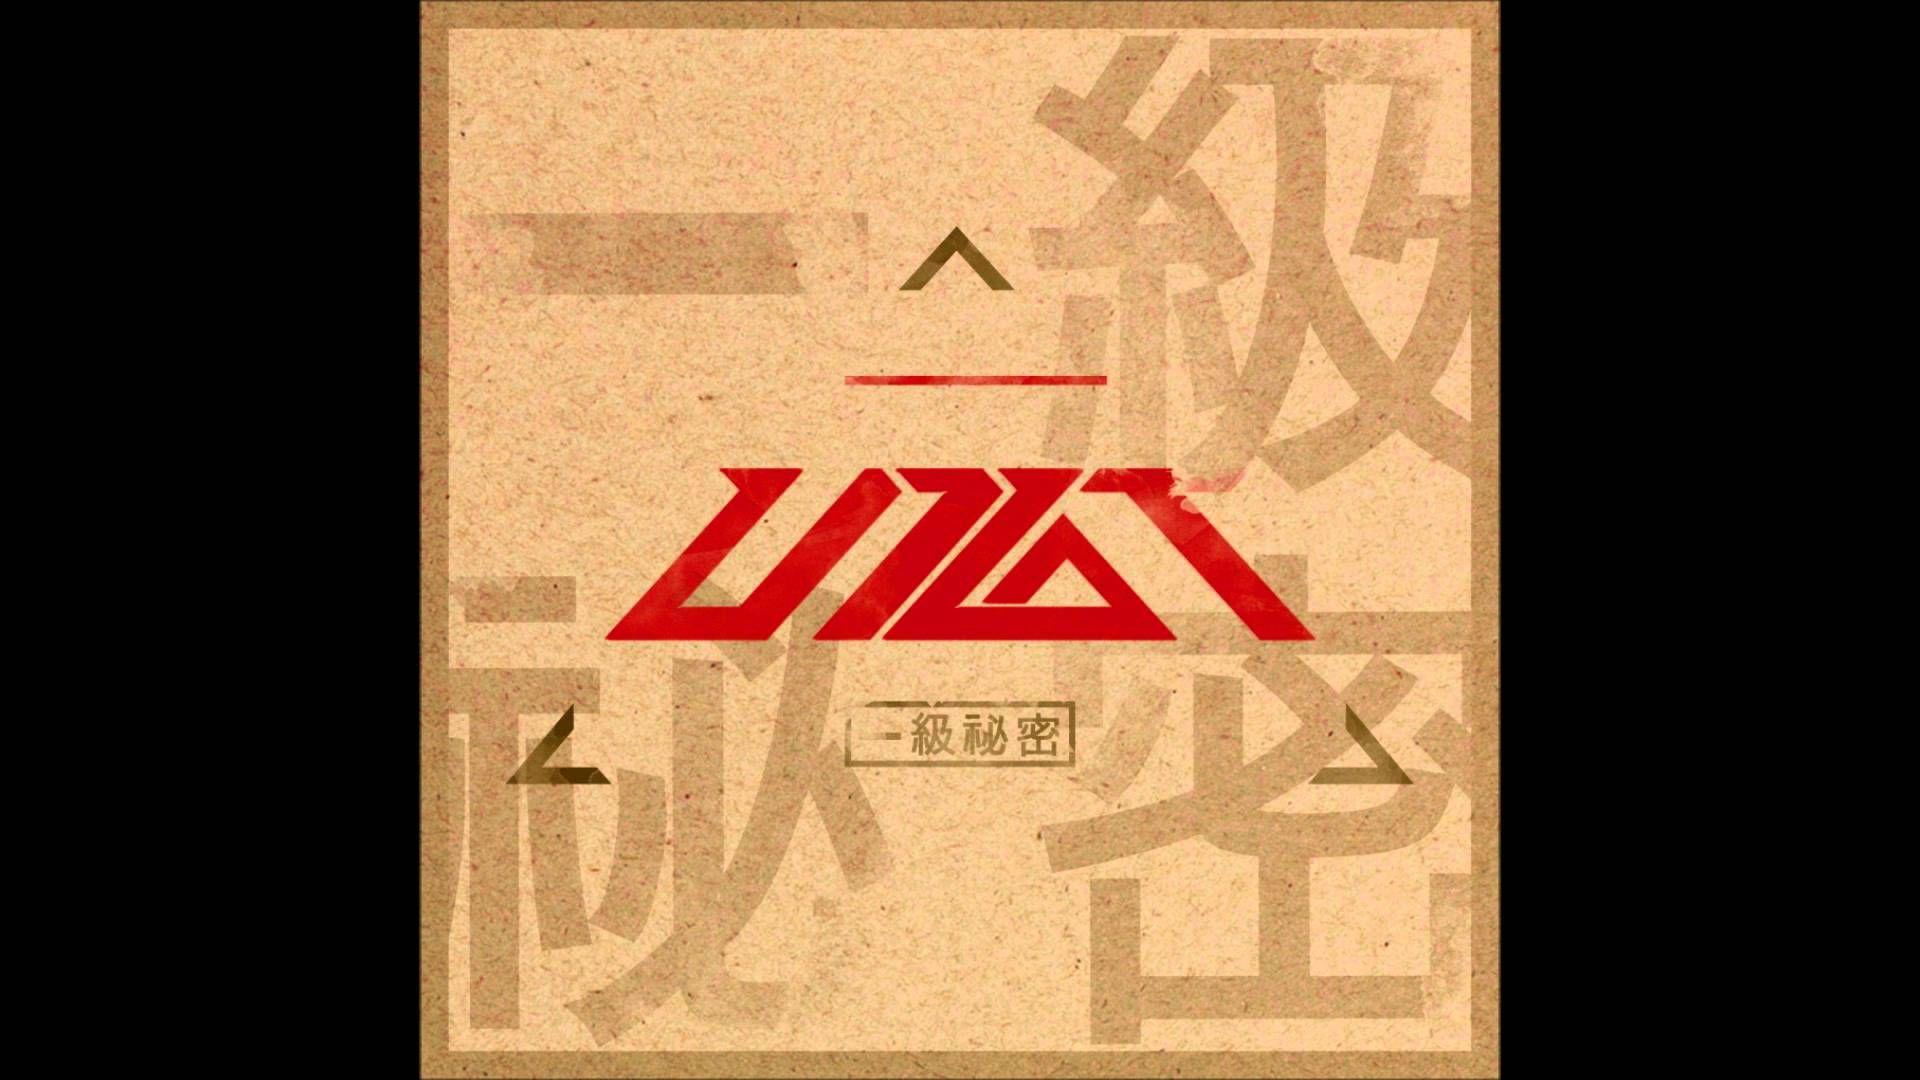 Up10tion - Top Secret (Full Mini Album) [Audio/HQ]